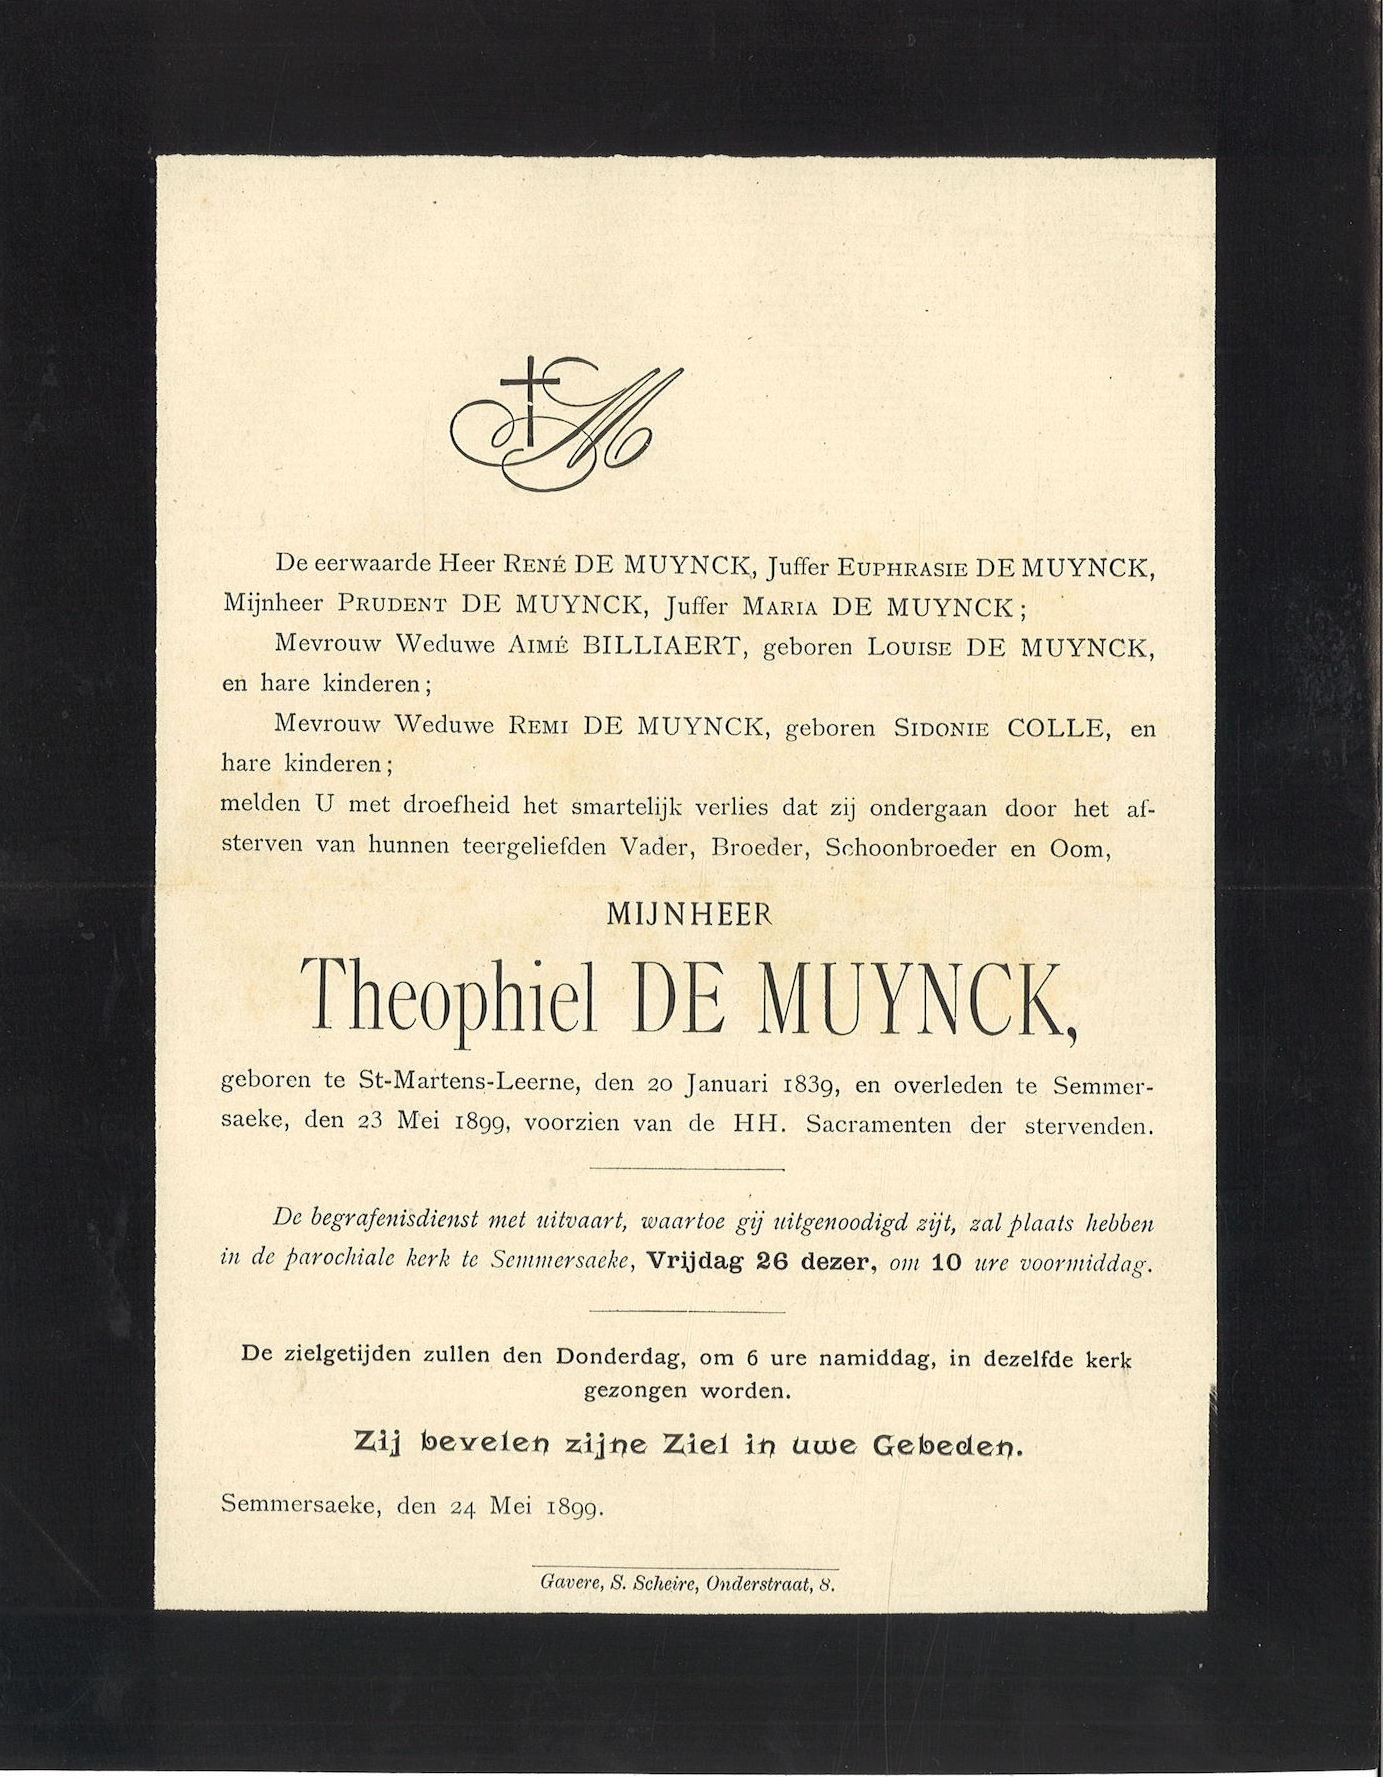 Theophiel De Muynck